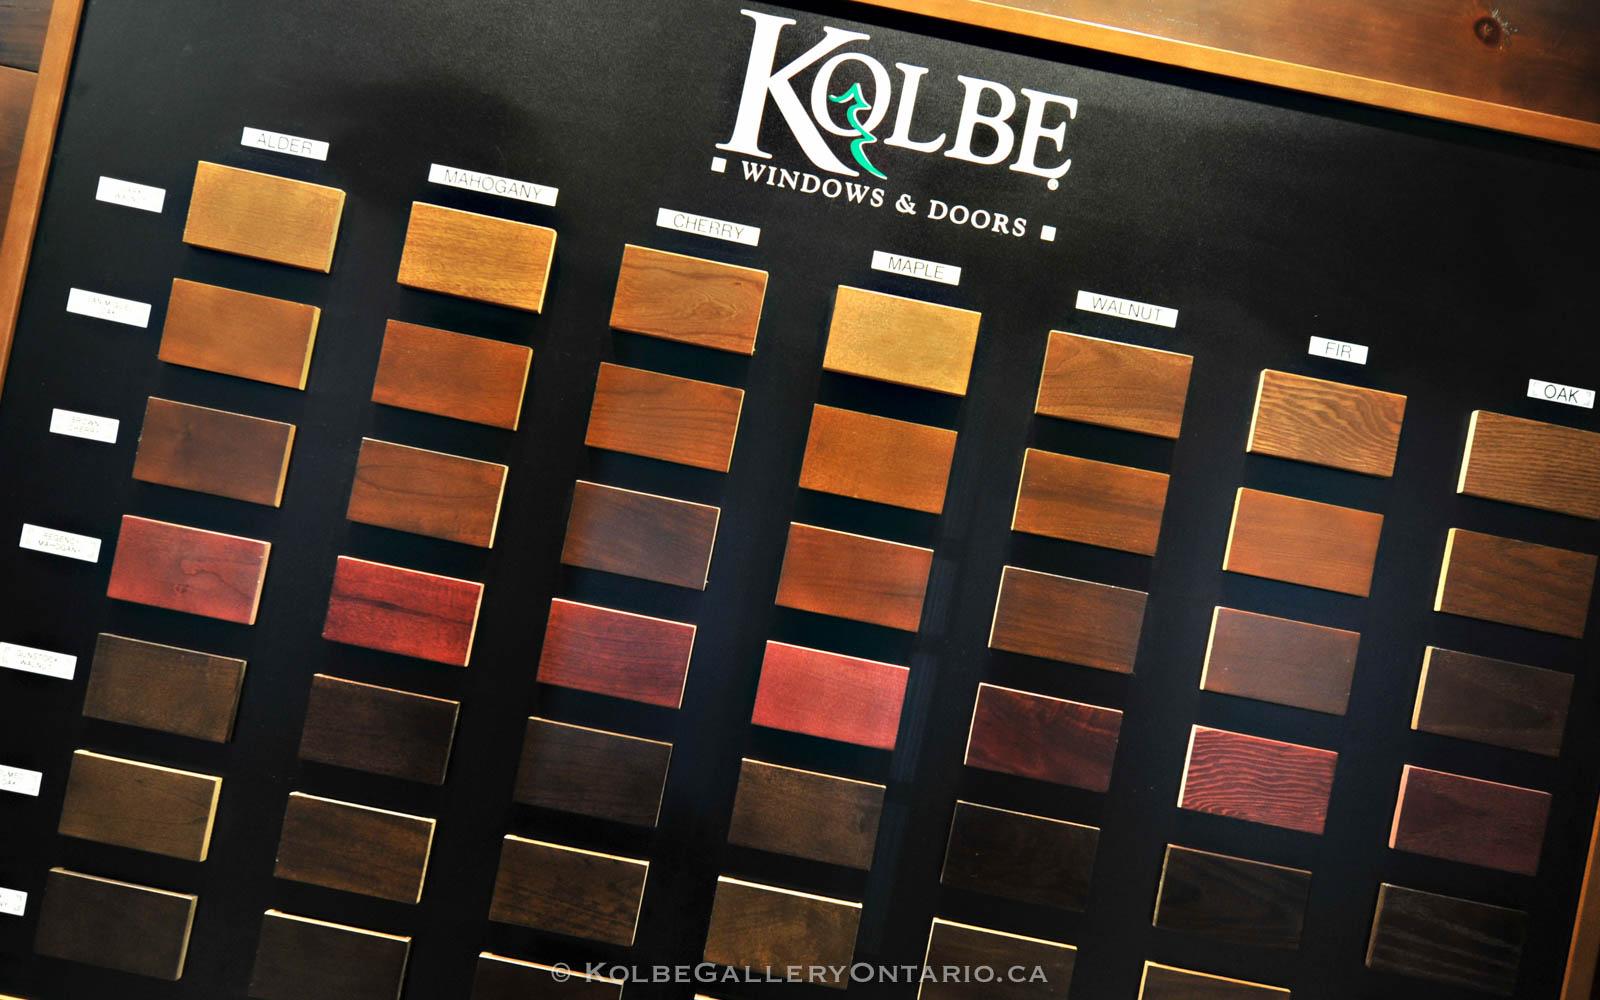 KolbeGalleryOntario.ca-windows-and-doors-Oakville-showroom-20120510-095649